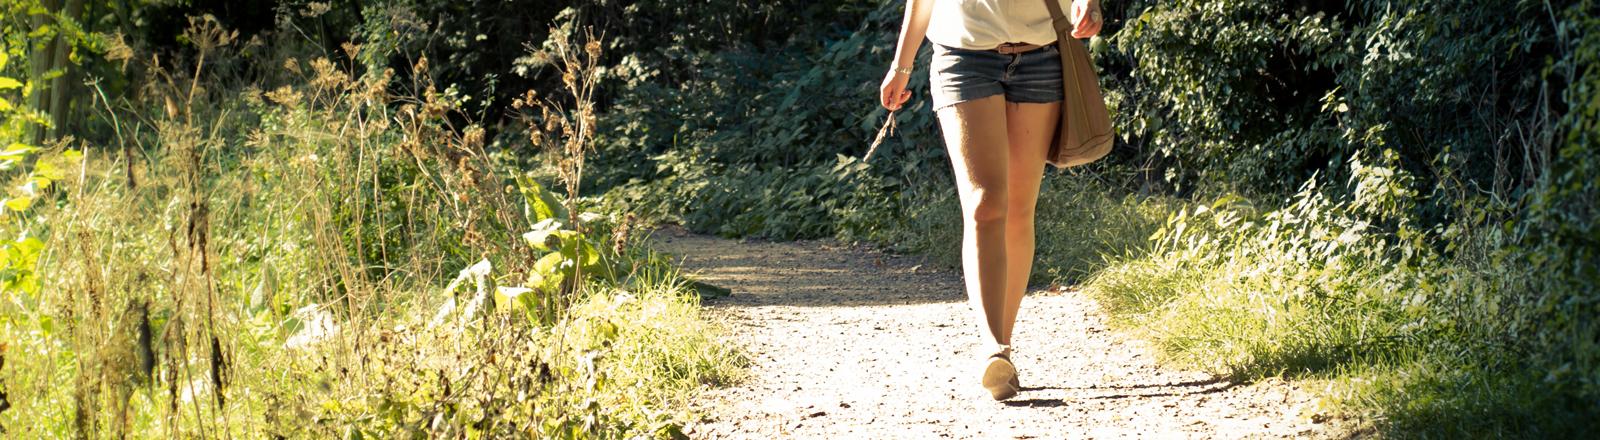 Frau, die durch einen sommerlichen Wald läuft.